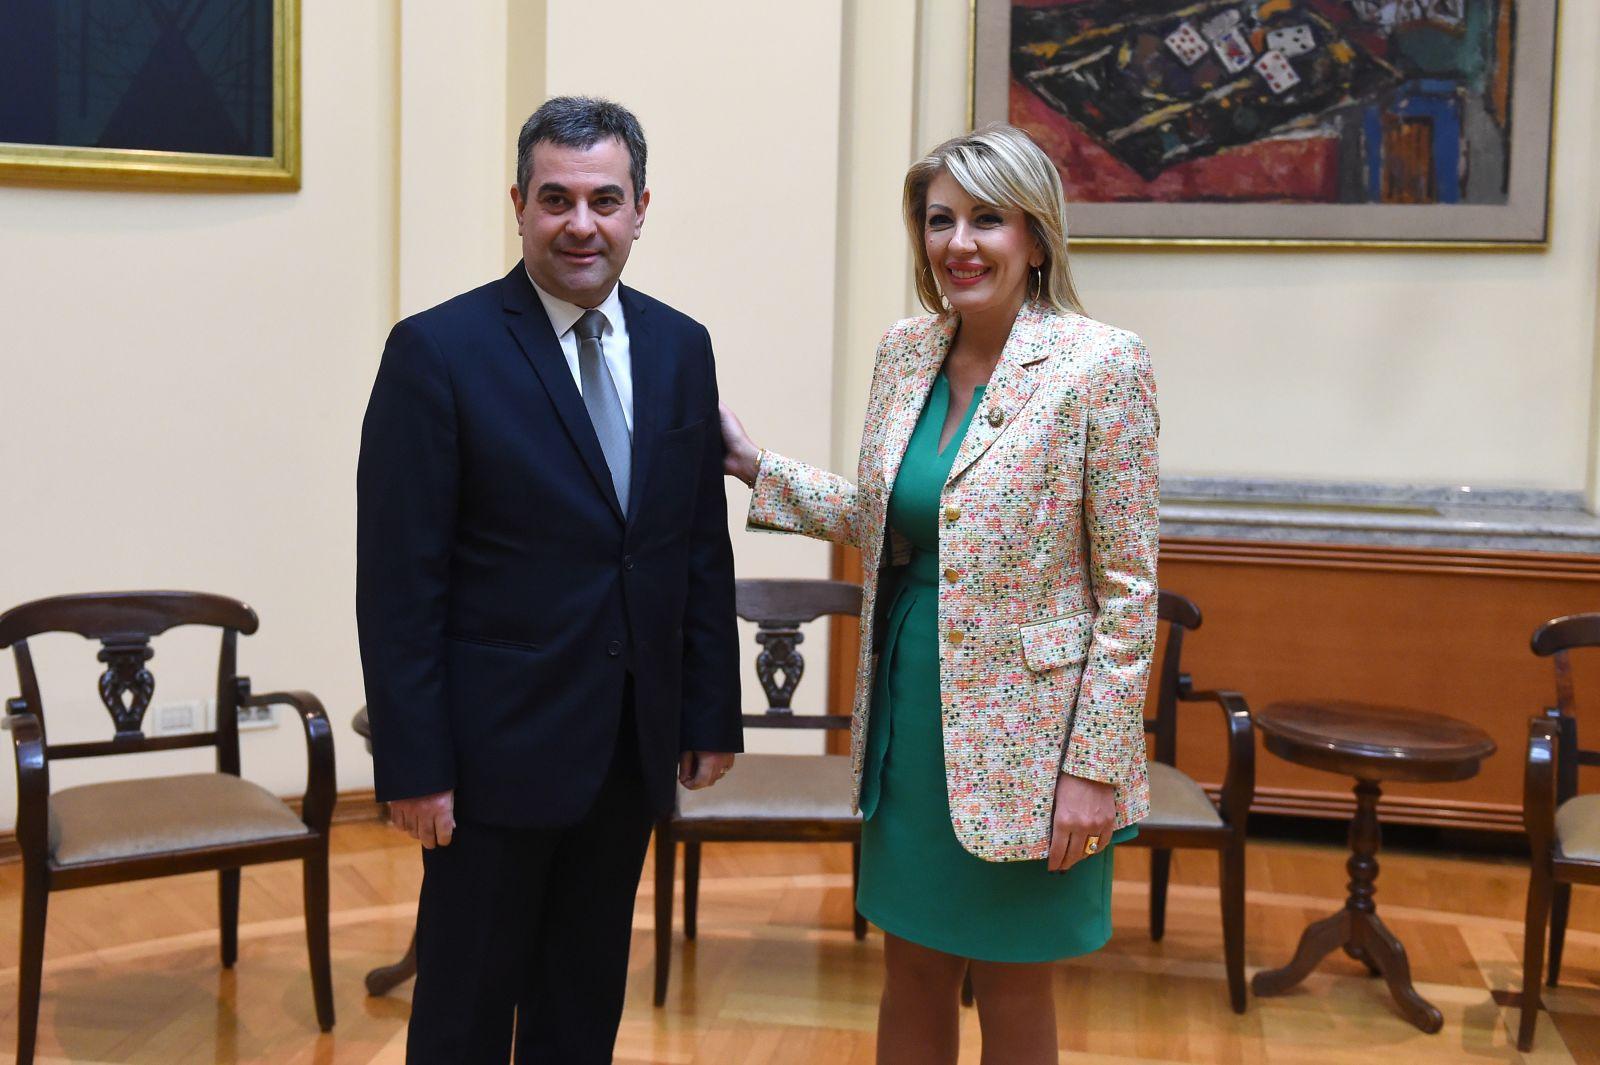 Ј. Јоксимовић и Нанобашвили: Грузија изузетно уважава искуства Србије  у процесу европских интеграција